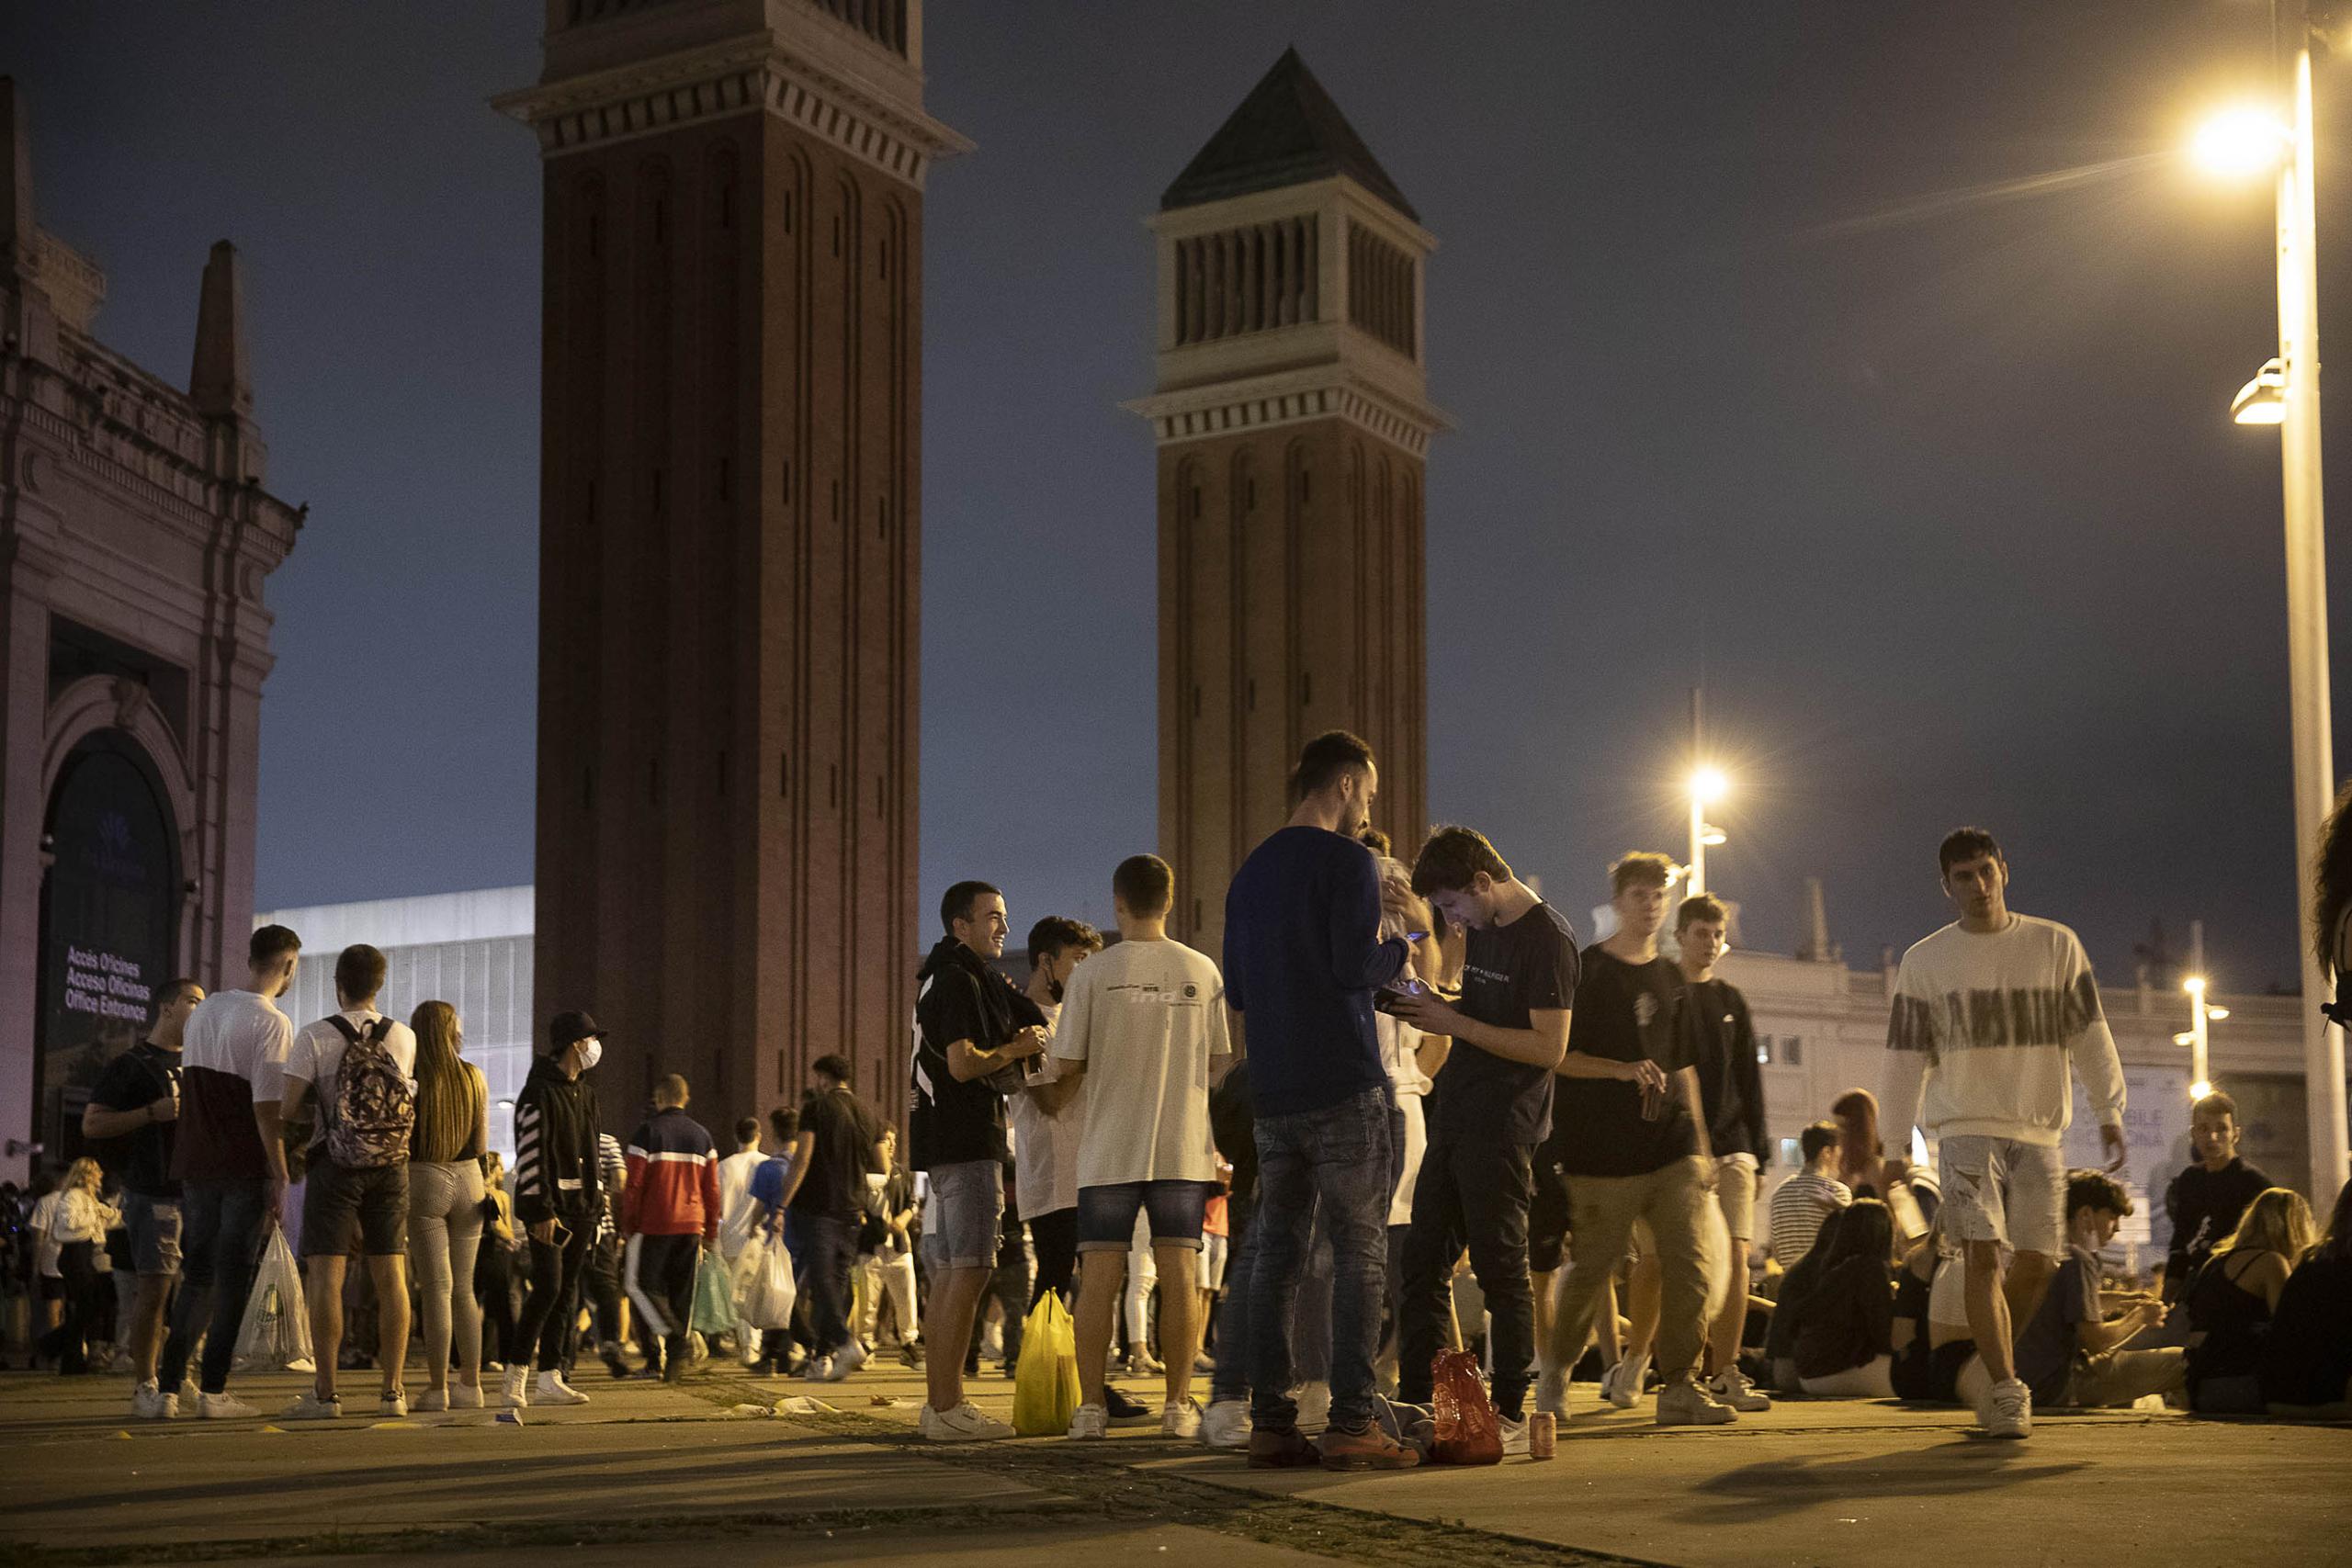 Botellot durant la Mercè de 2021 a la plaça Espanya / Jordi Play